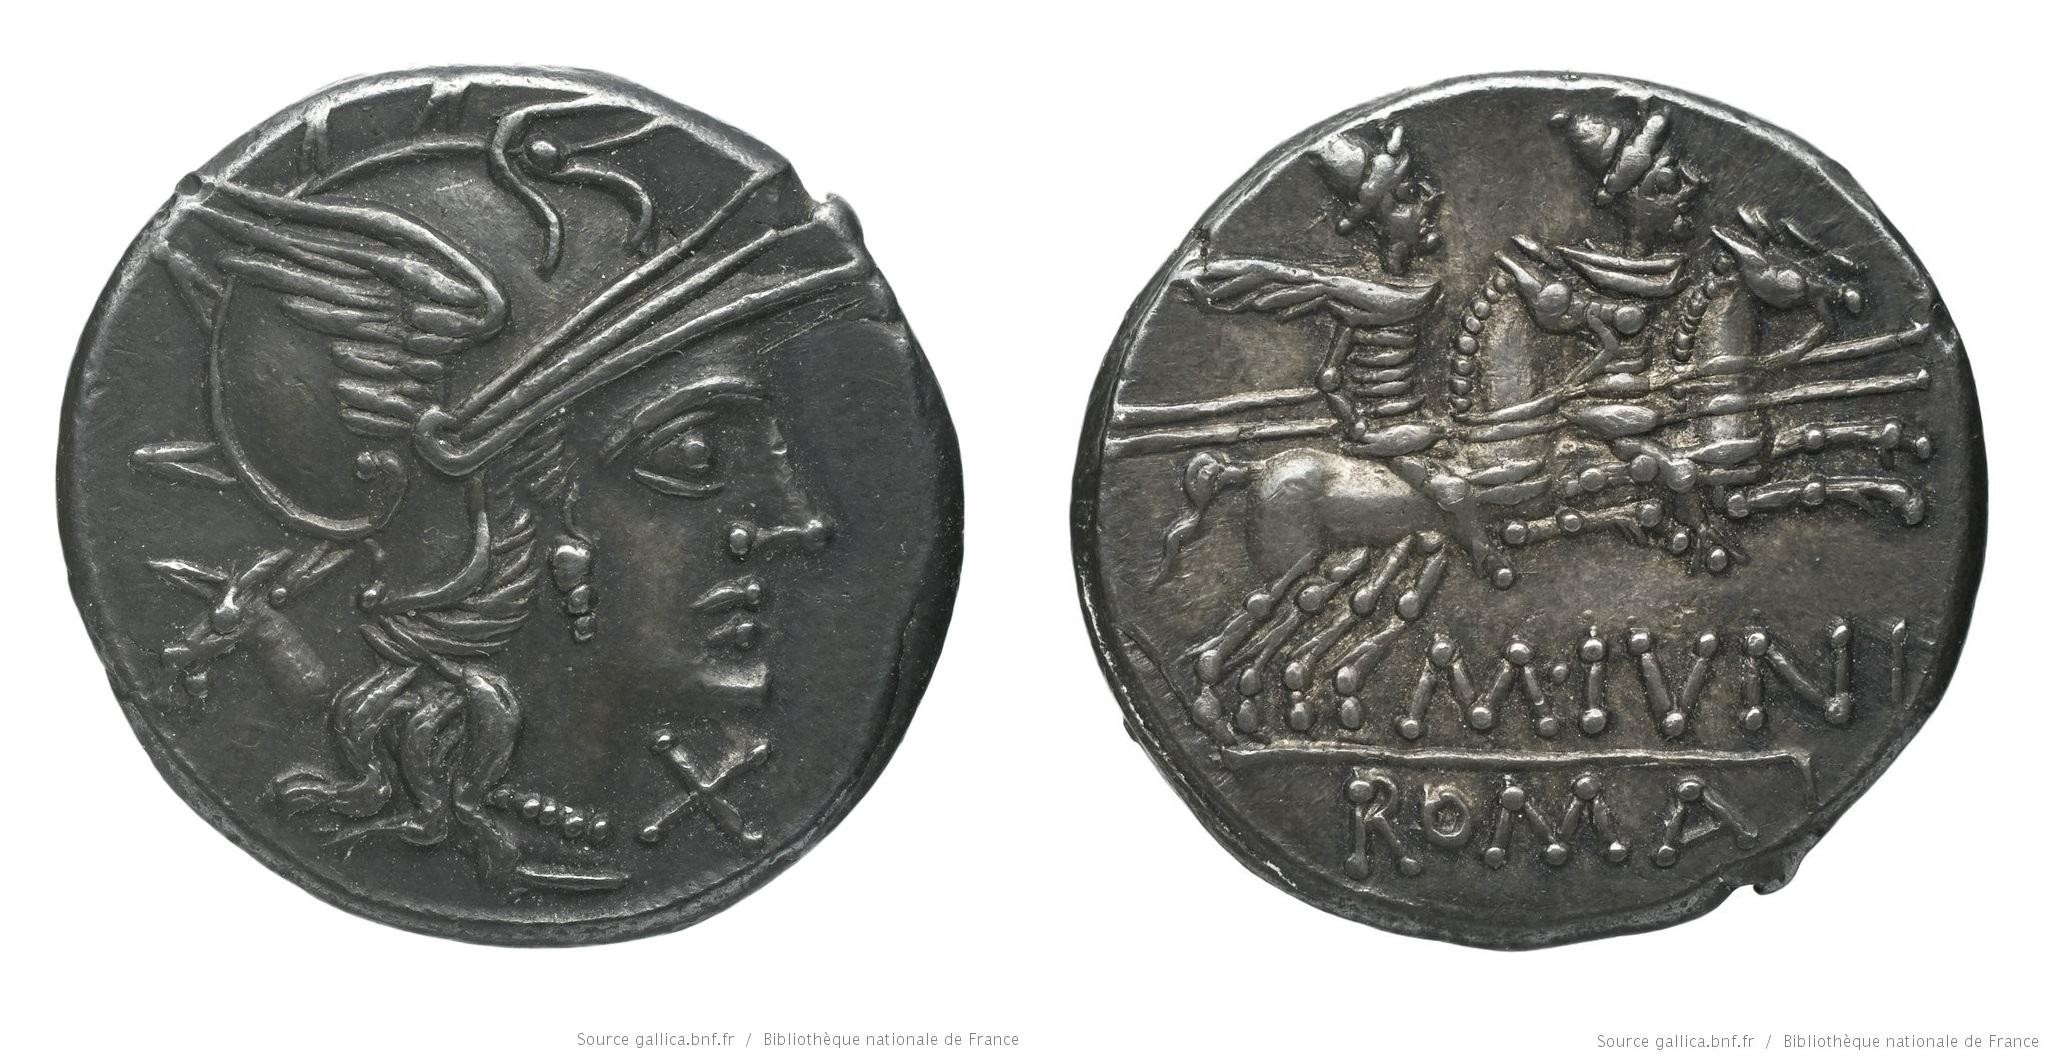 898JU – Denier Junia – Marcus Junius